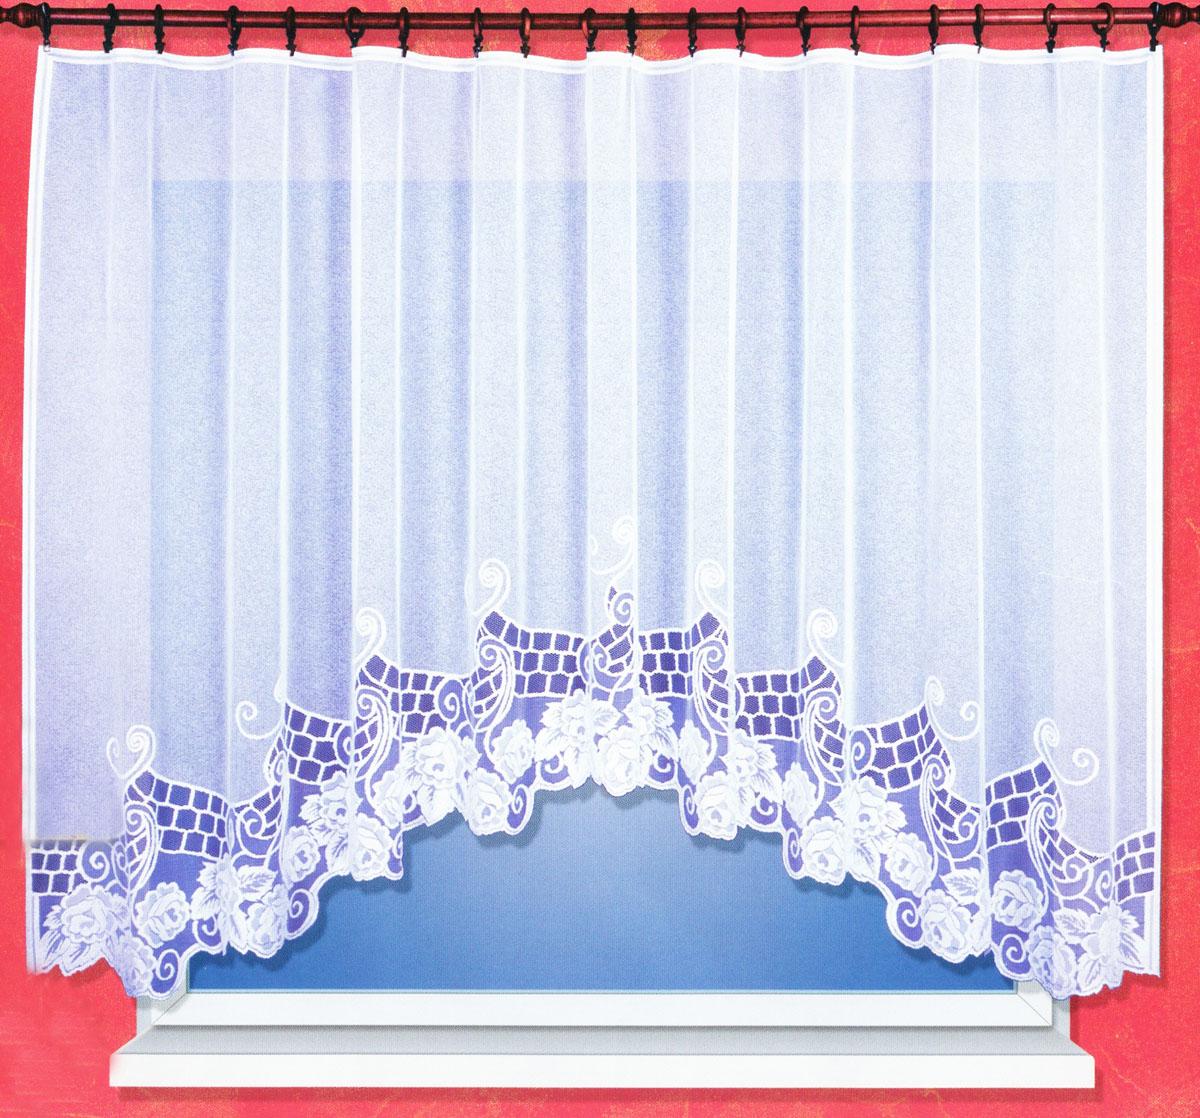 Гардина Haft, на ленте, цвет: белый, высота 160 см. 38200/16038200/160Гардина Haft, изготовленная из сетчатой ткани (100% полиэстера), великолепноукрасит любое окно. Полупрозрачная ткань и цветочная вышивка привлекут ксебе внимание и органично впишутся в интерьер помещения. Полиэстер - вид ткани, состоящий из полиэфирных волокон. Ткани из полиэстера -легкие, прочные и износостойкие. Такие изделия не требуют специального ухода,не пылятся и почти не мнутся.Гардина крепится на карниз при помощи ленты, которая поможет красиво иравномерно задрапировать верх. Такая гардина идеально оформит интерьер любого помещения.